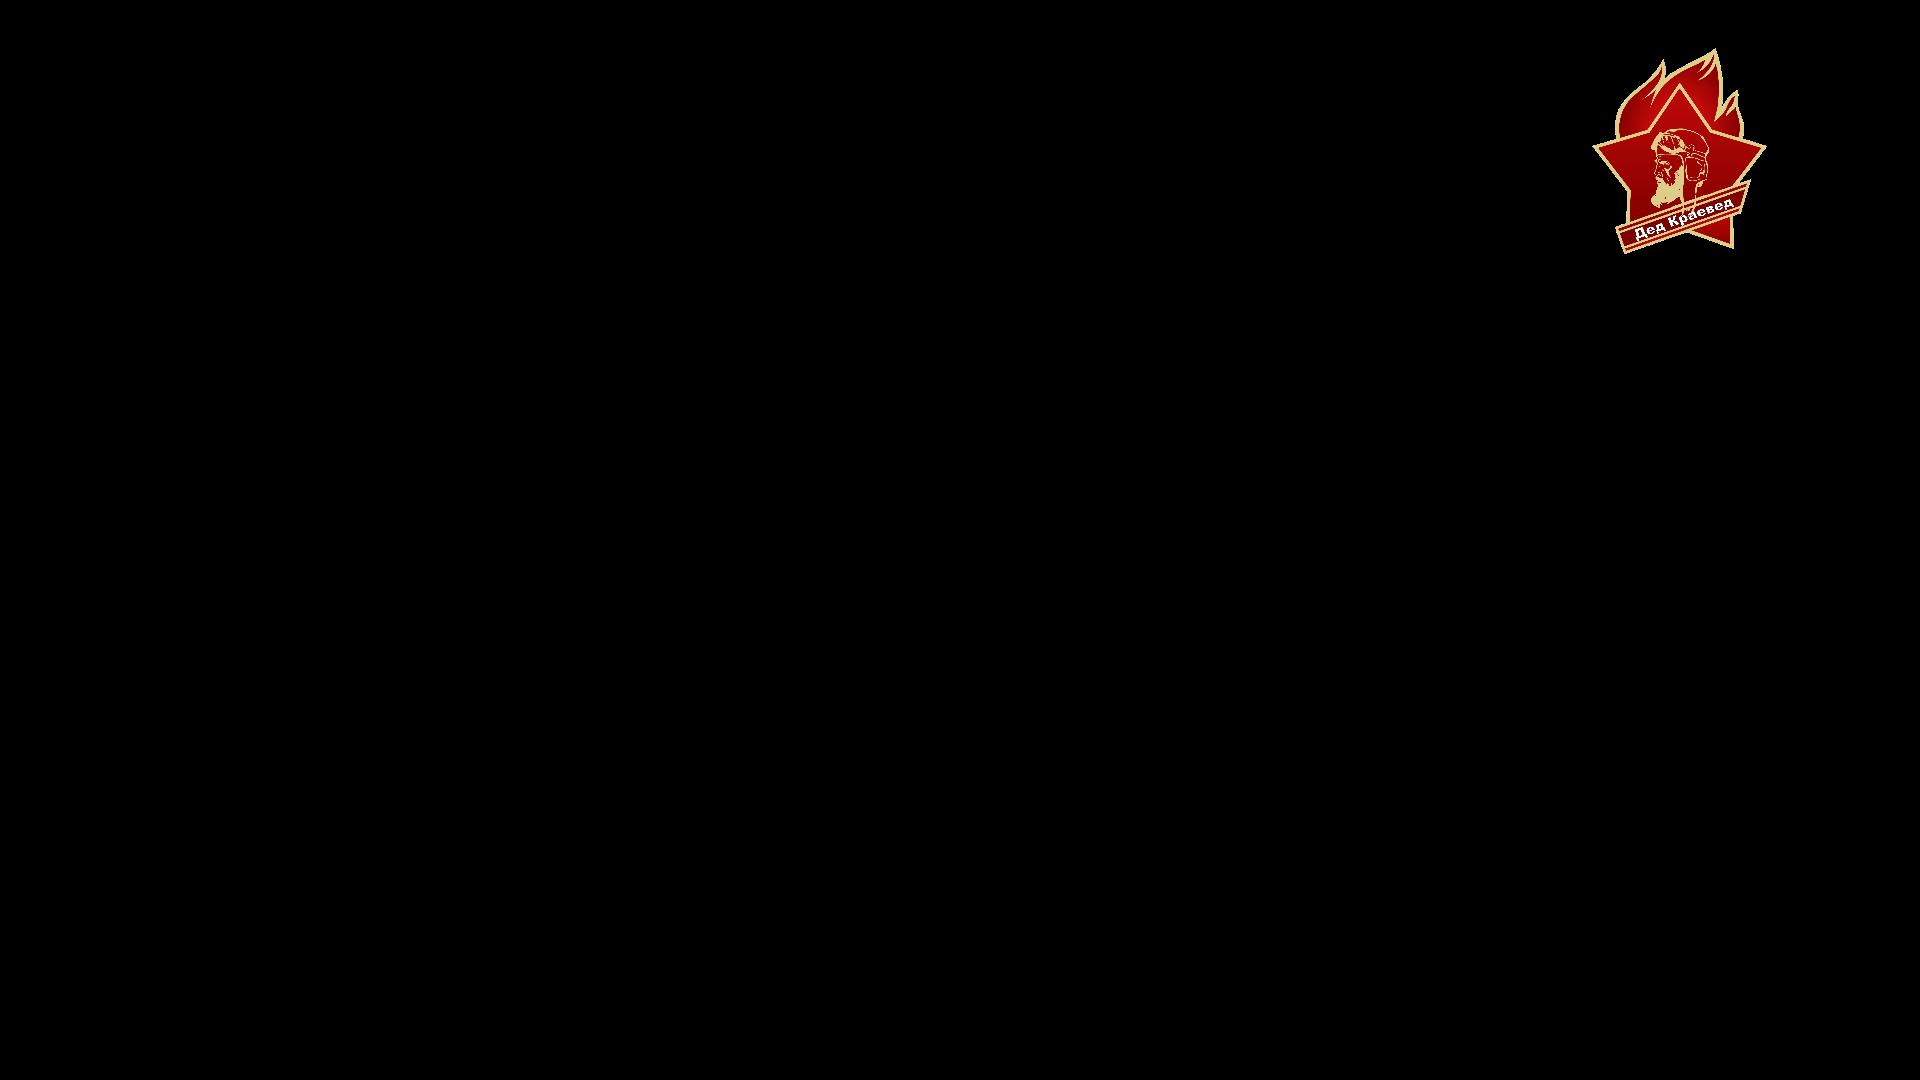 Речной круиз Москва - Питер - Москва. Август 1997 года. Теплоход Карл Маркс. 4 серия. Питер.